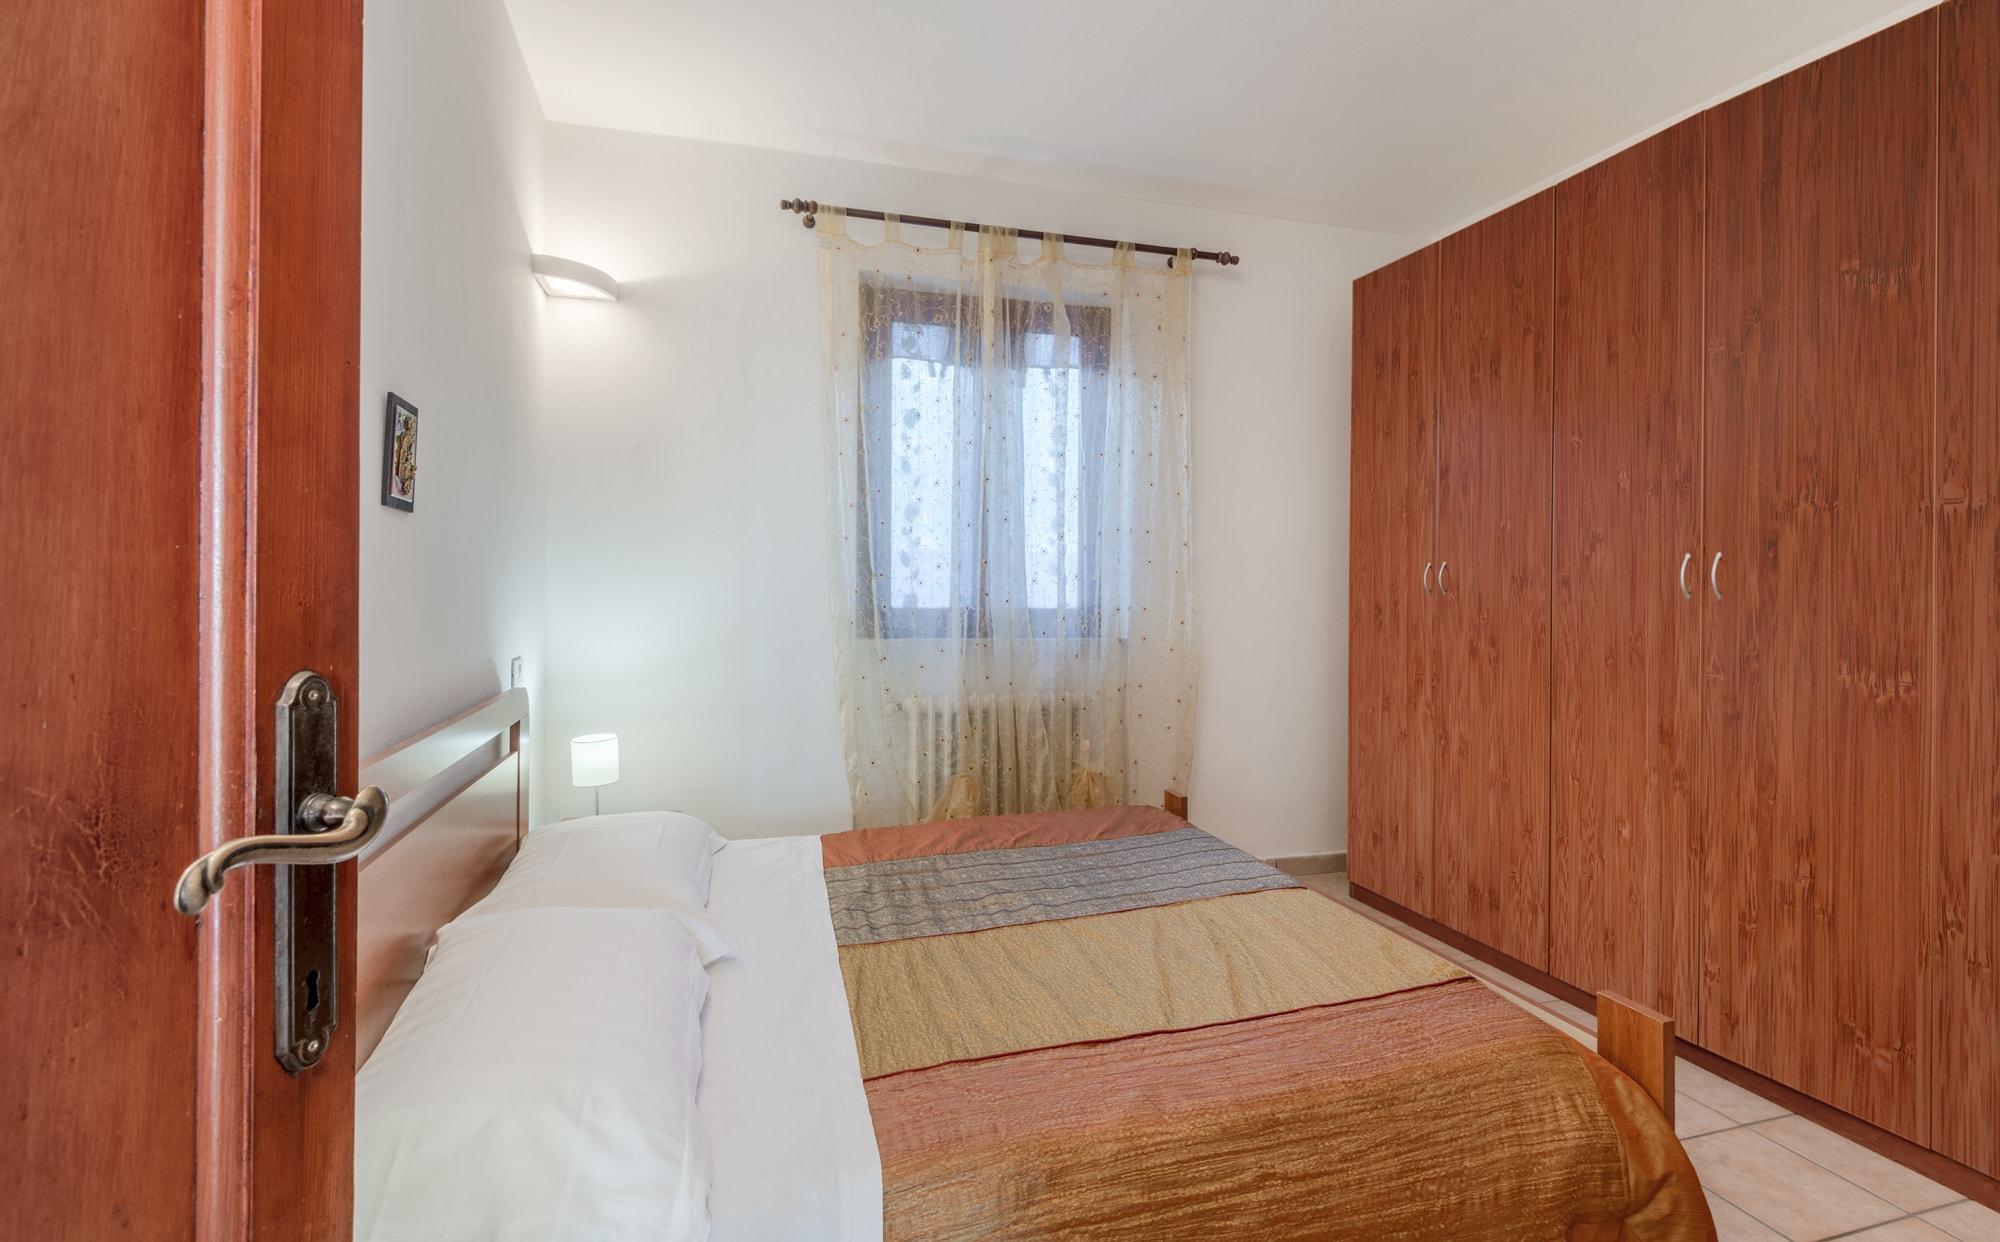 Fotografia di interni per appartamento vacanze